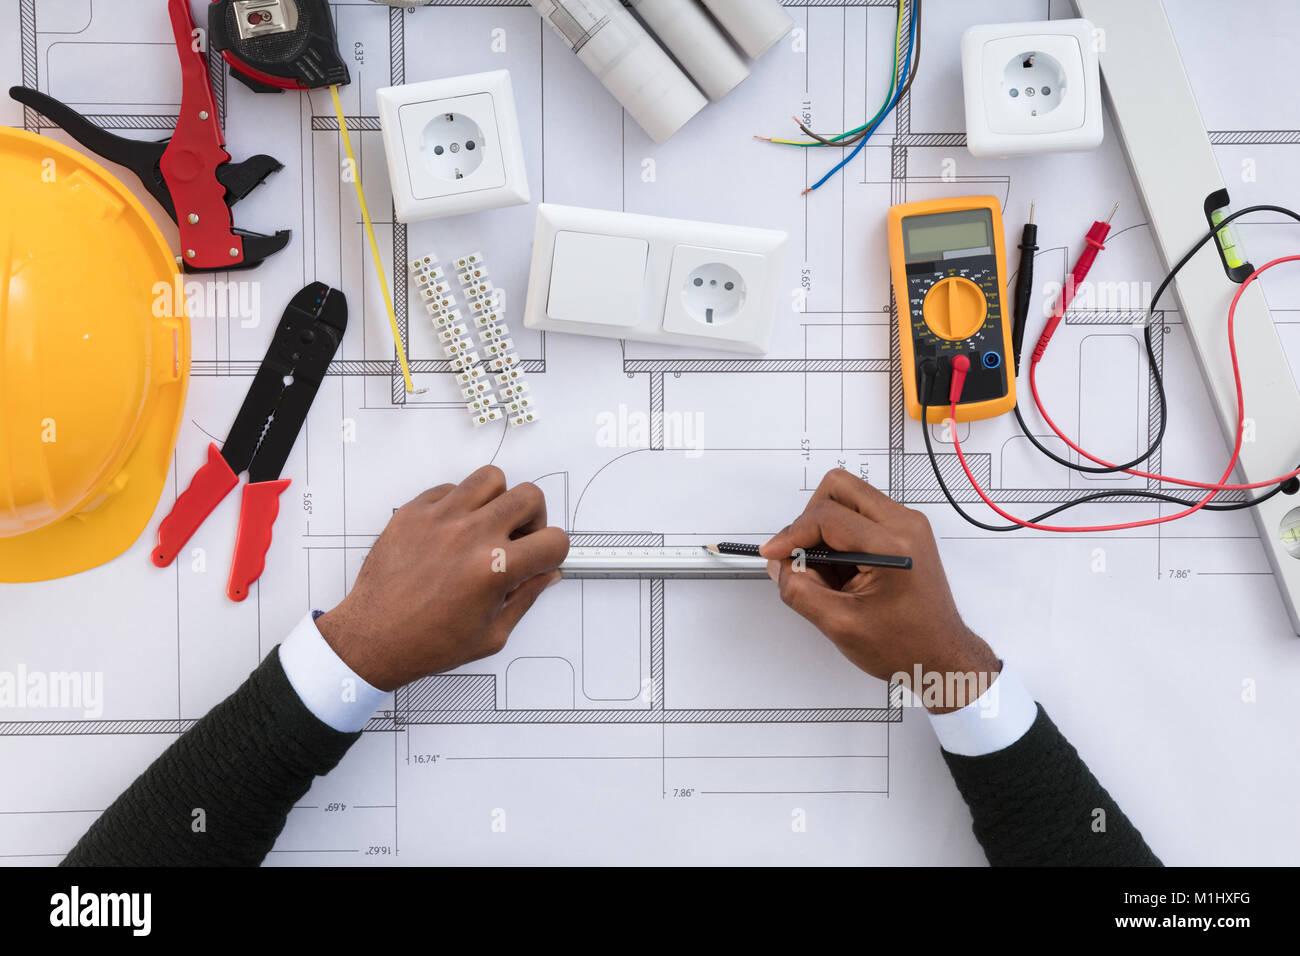 Ansicht eines Architekten Zeichnung Plan auf Blaupause mit elektrischen Komponenten Stockbild